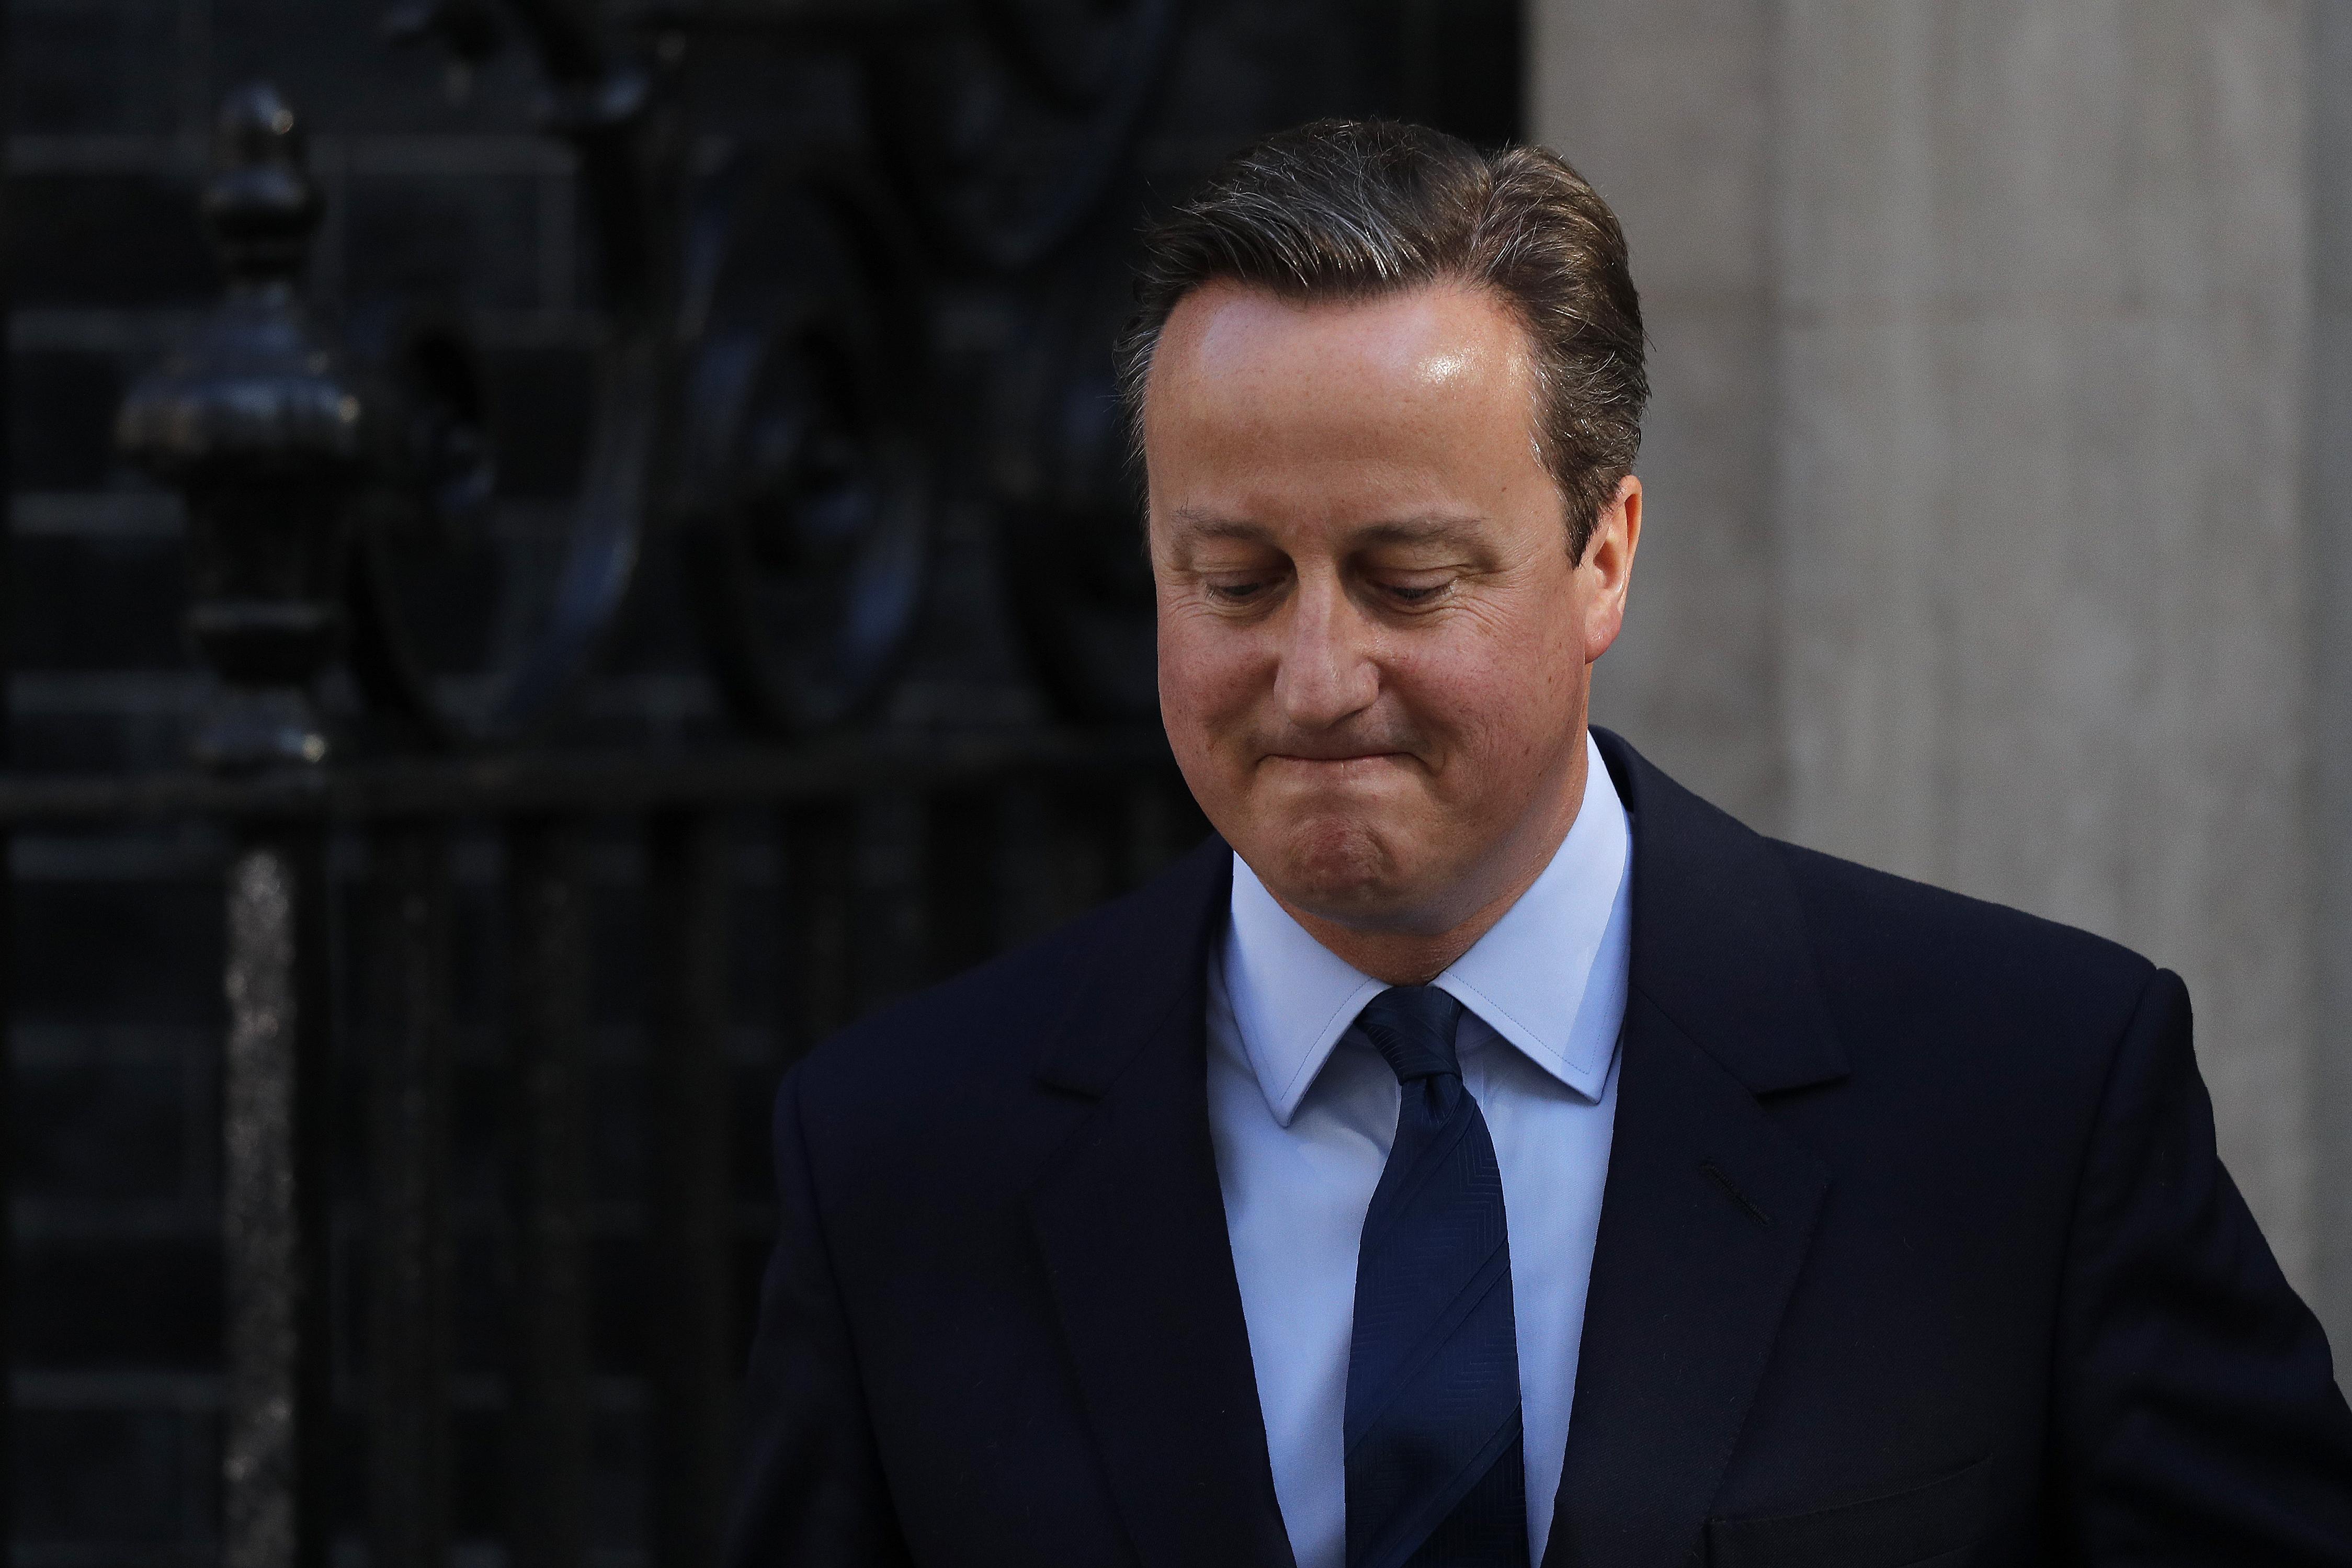 Az EU-ban arra számítanak, hogy Cameron nem jelenti be a kilépésüket a jövő heti EU-csúcson